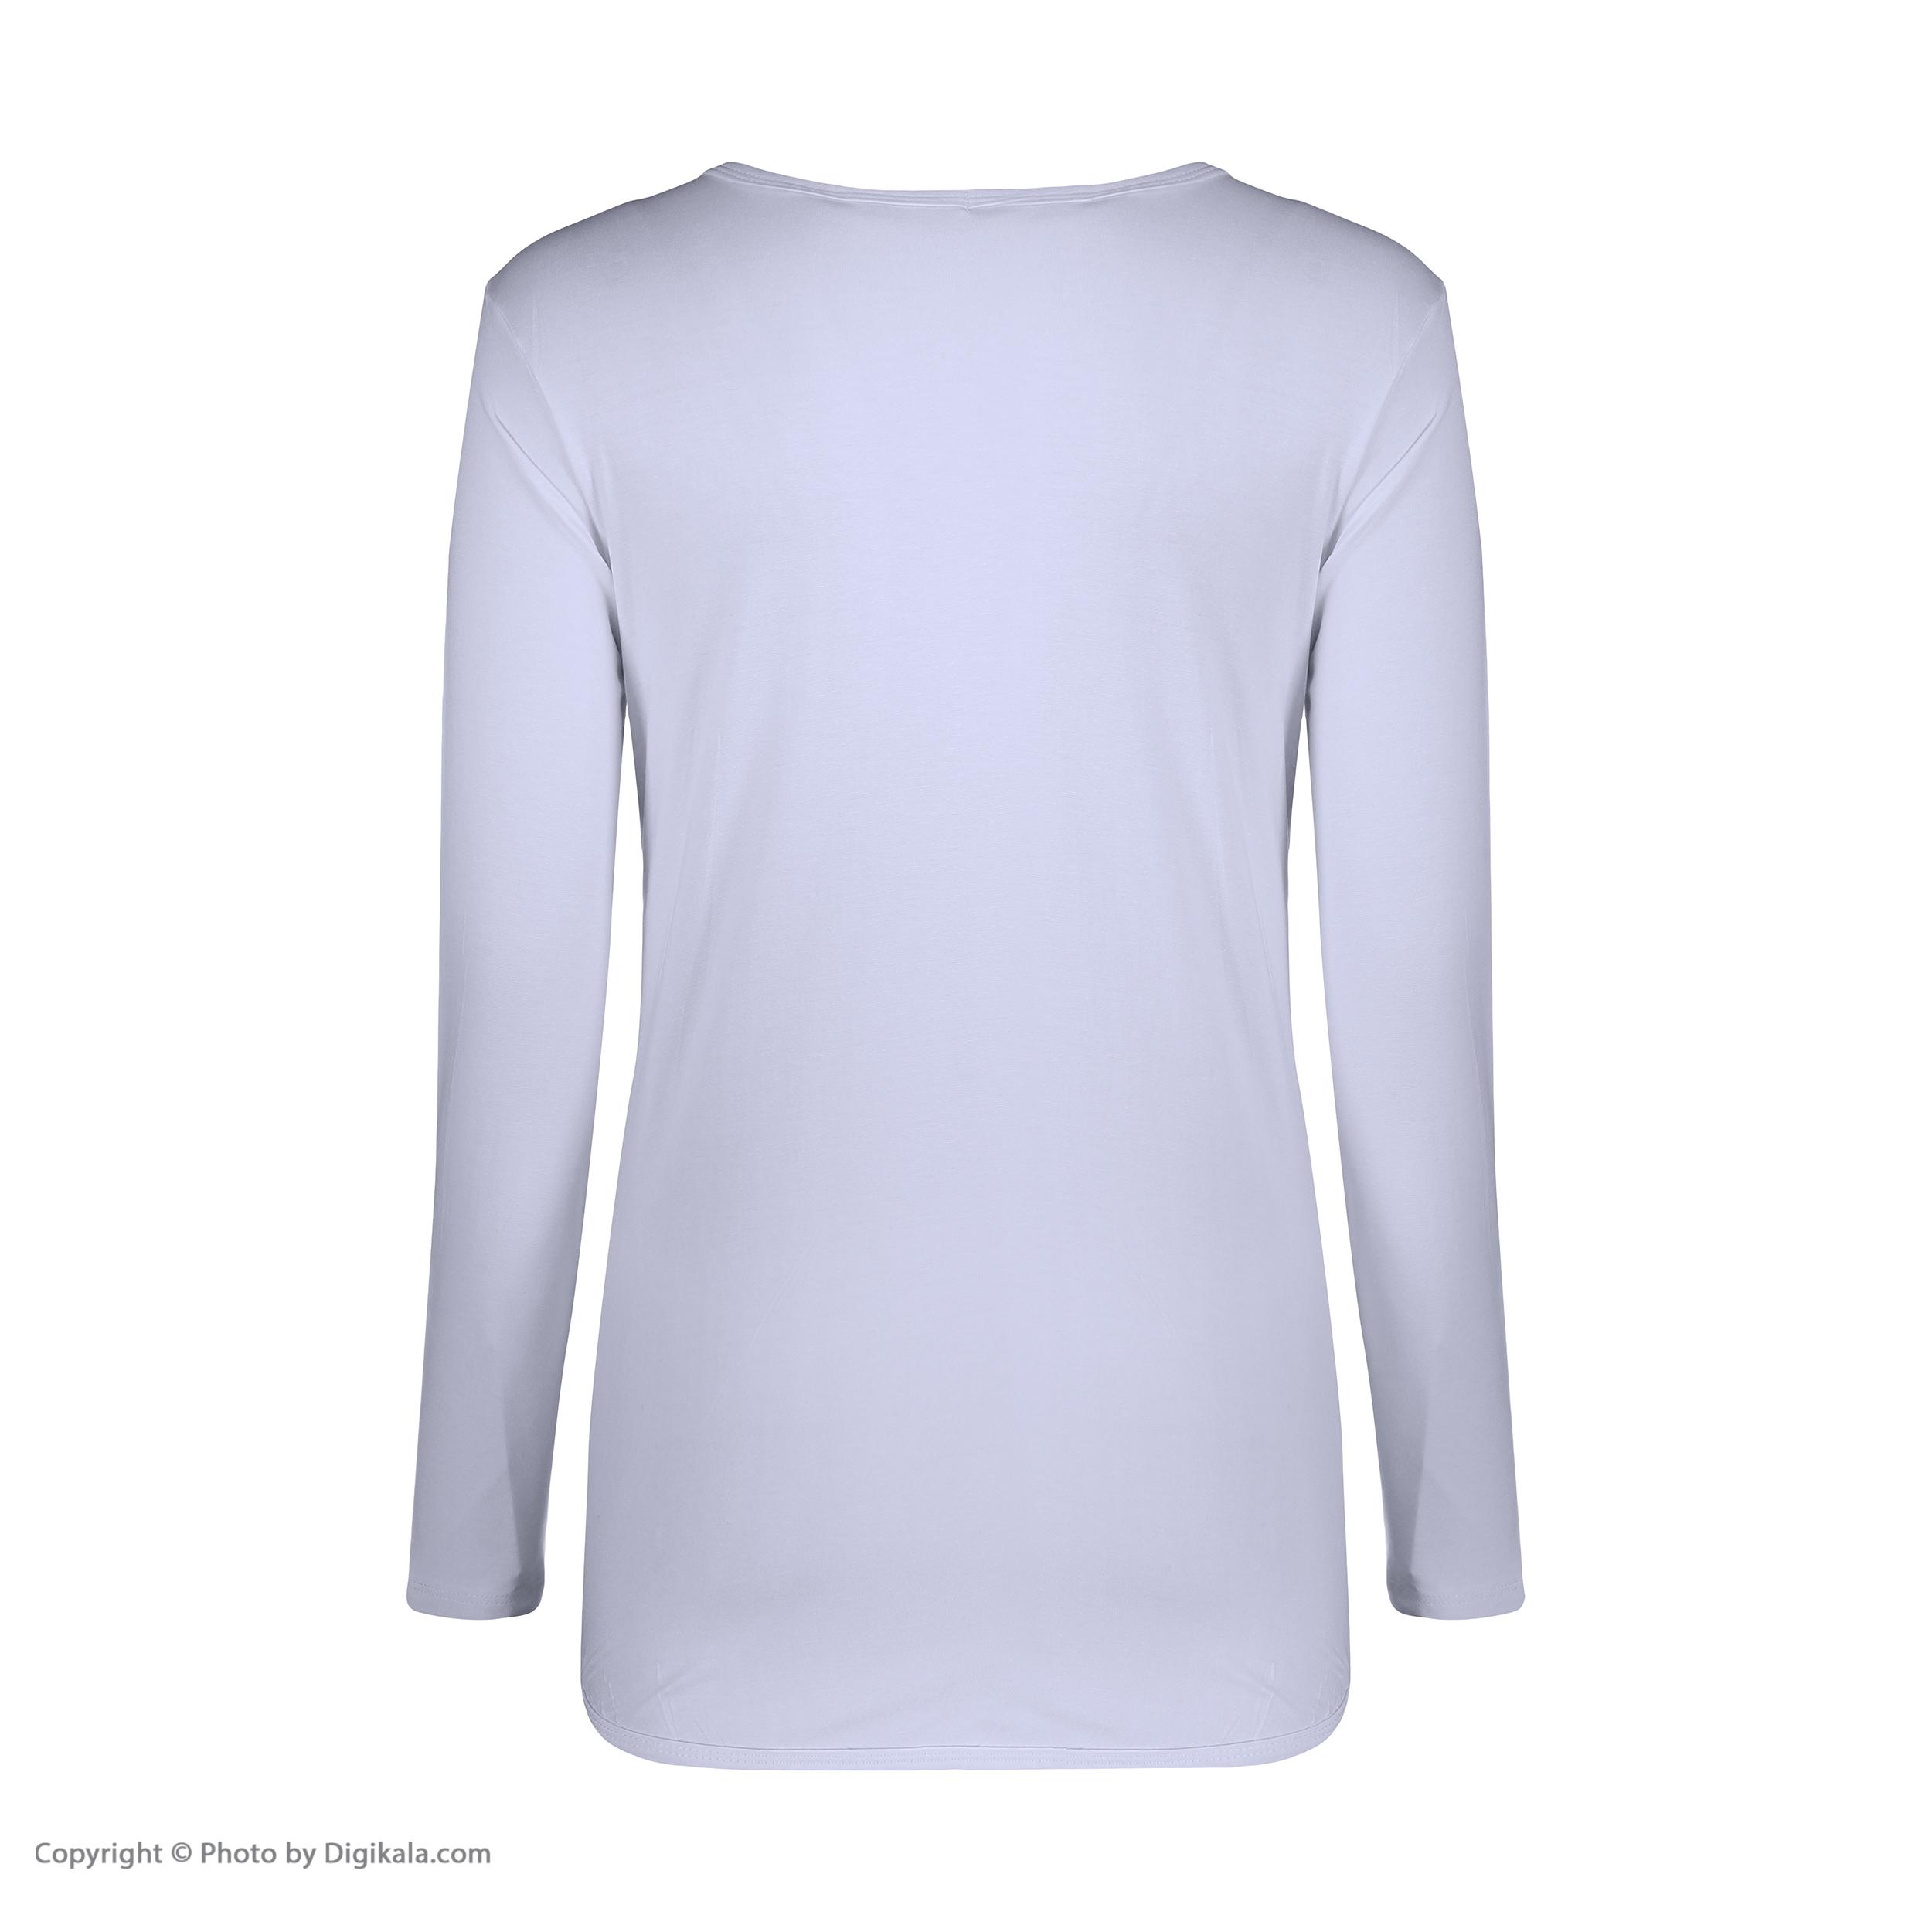 خرید                                      تی شرت زنانه مون مدل 163121493